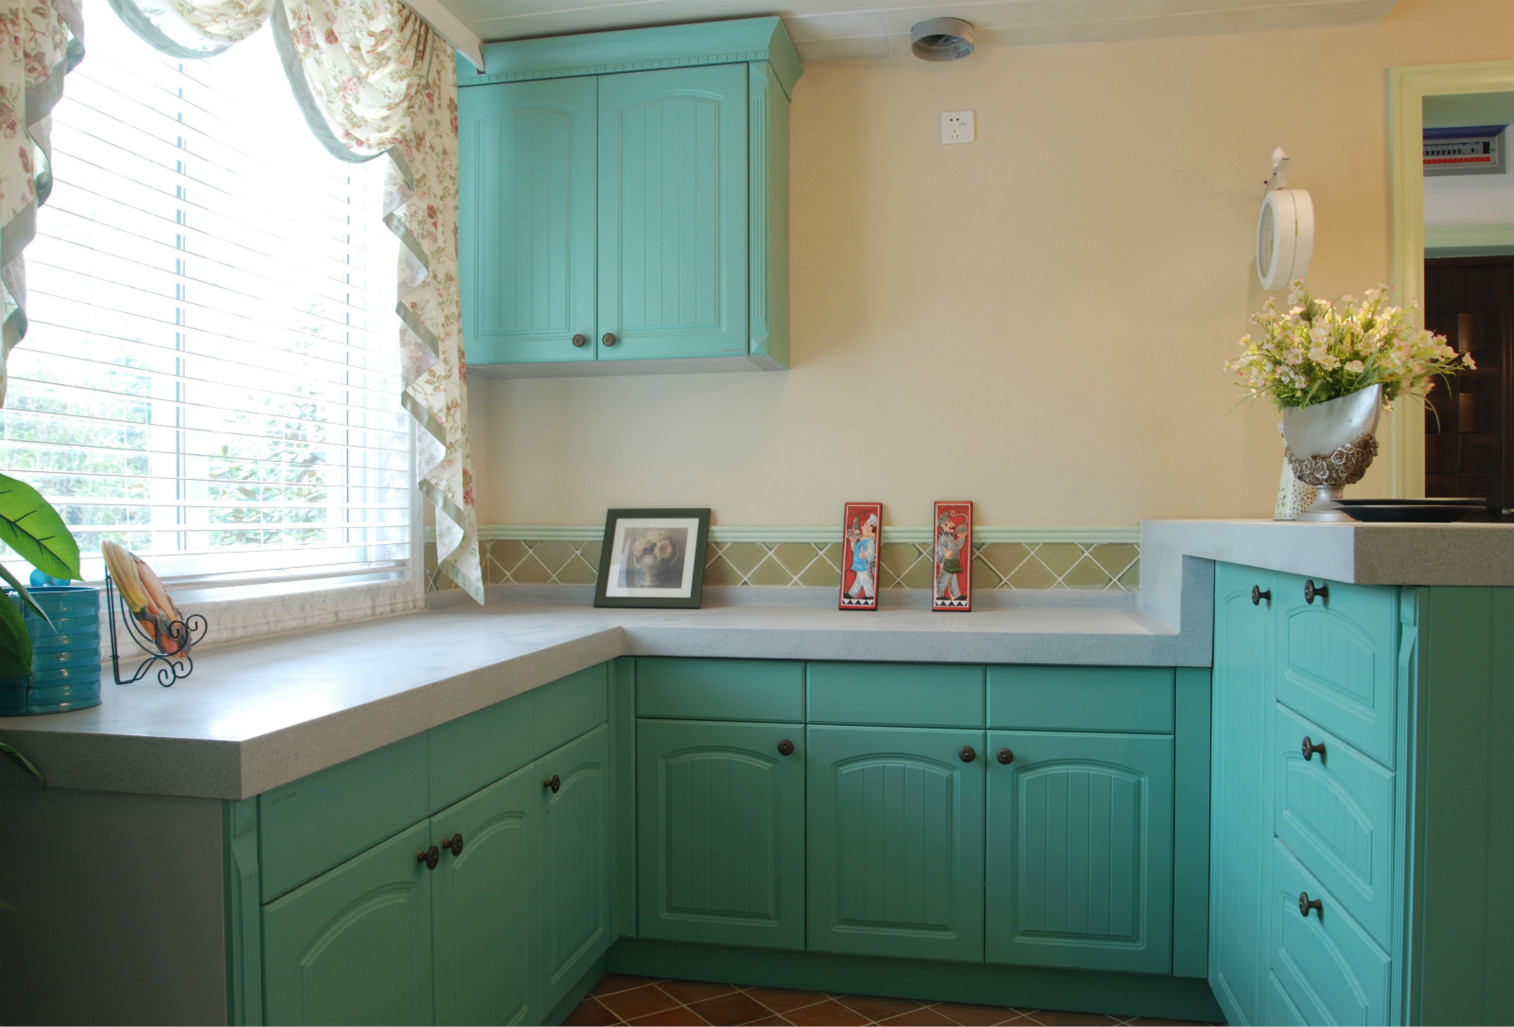 厨房也是用柔和的绿色装饰,与整体的装修风格相协调。